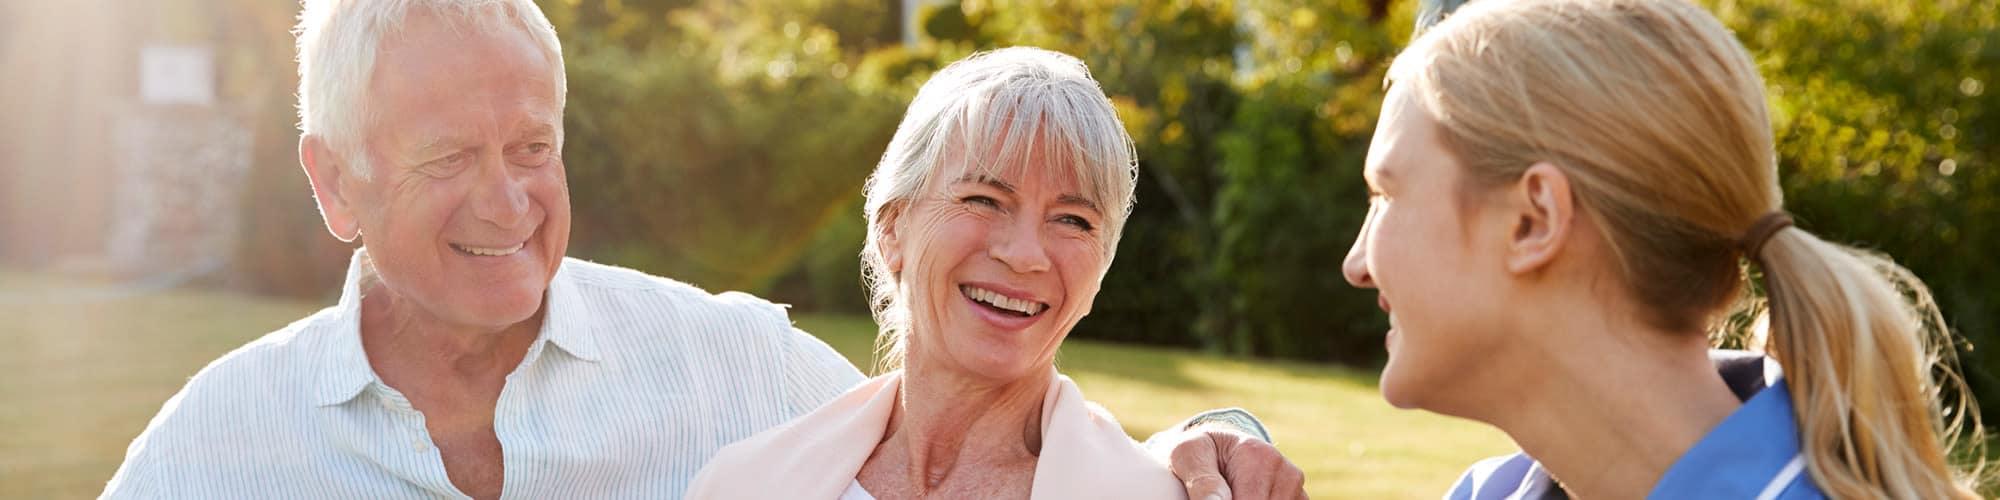 Living care options at Estancia Del Sol in Corona, California